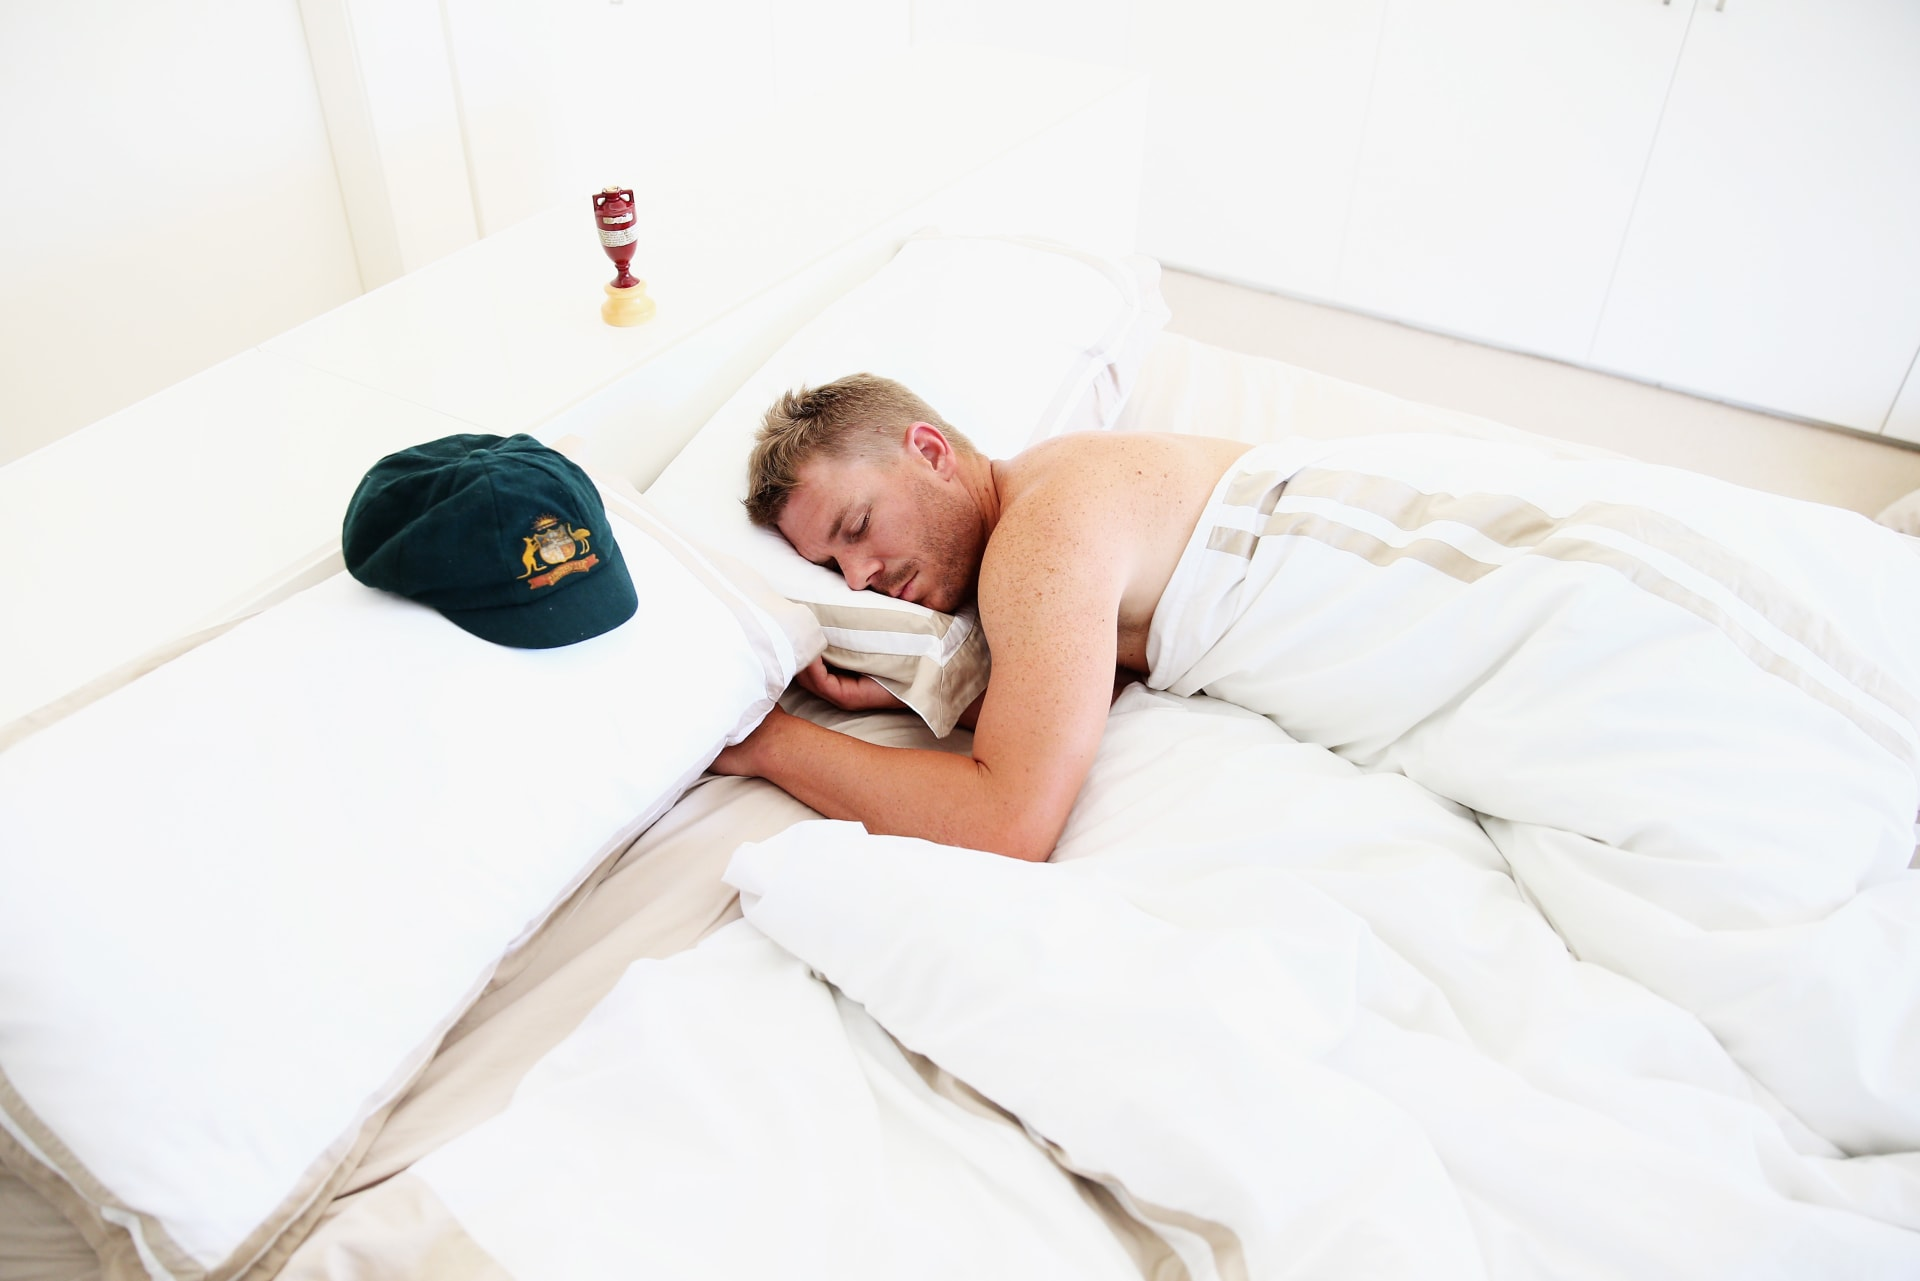 9 افتراضات خاطئة وغير صحية بعادات النوم